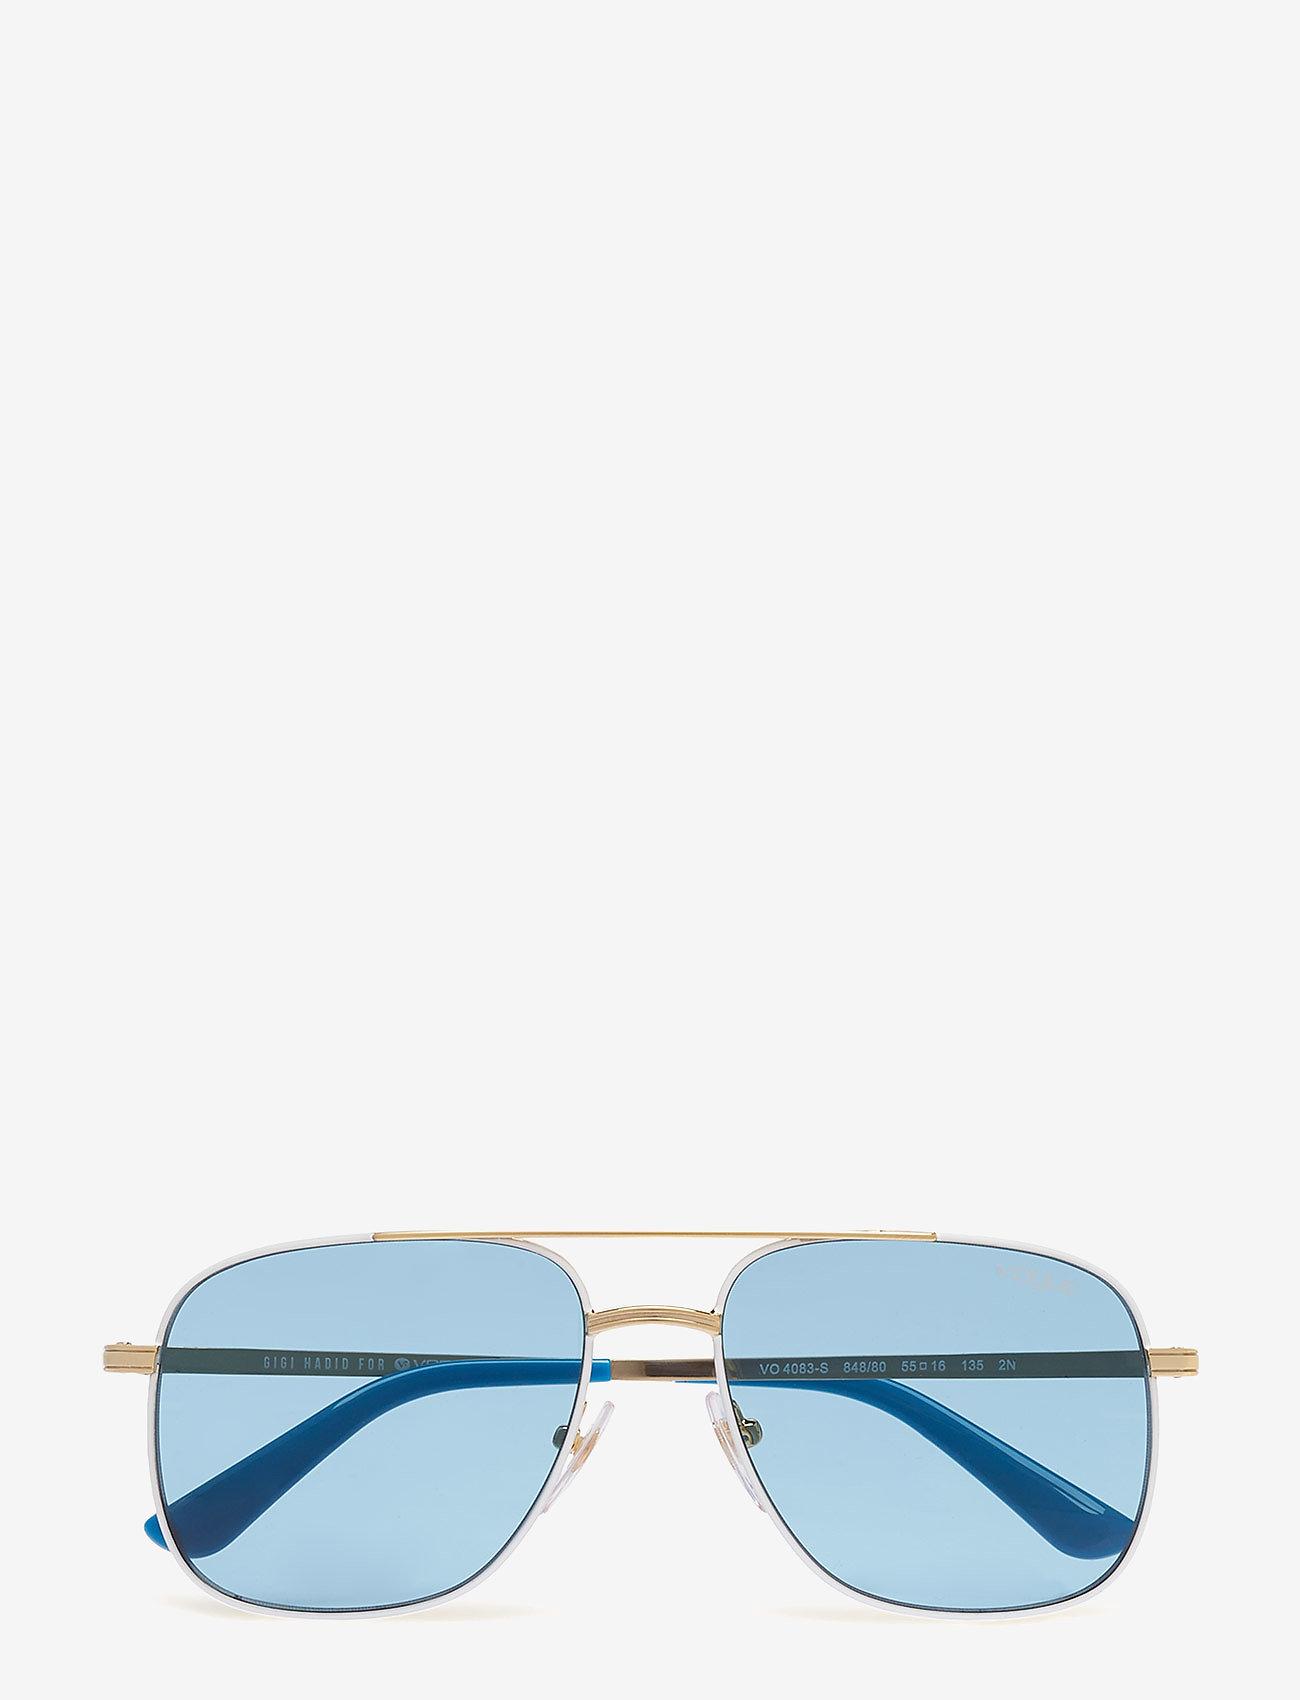 Vogue Eyewear - WOMEN'S SUNGLASSES - okulary przeciwsłoneczne aviator - pale gold/white - 0